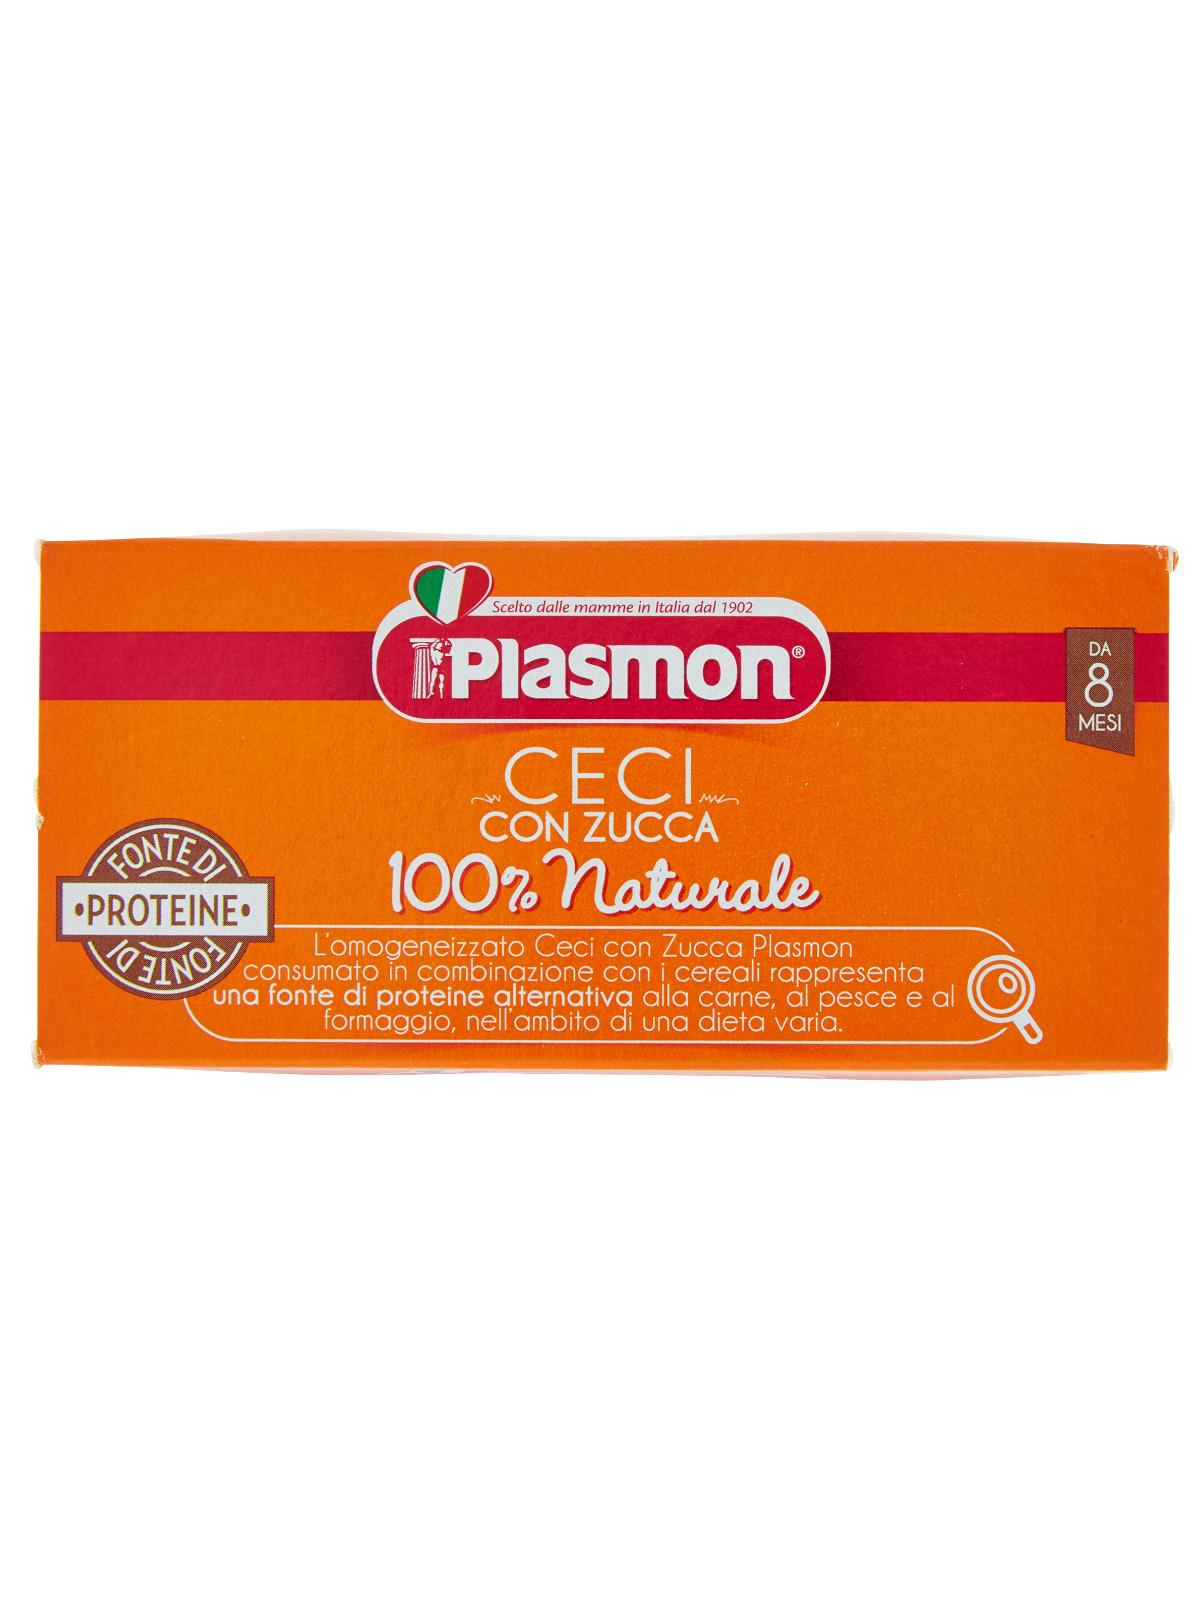 Plasmon - omogeneizzato ceci e zucca - 2x80g - Plasmon